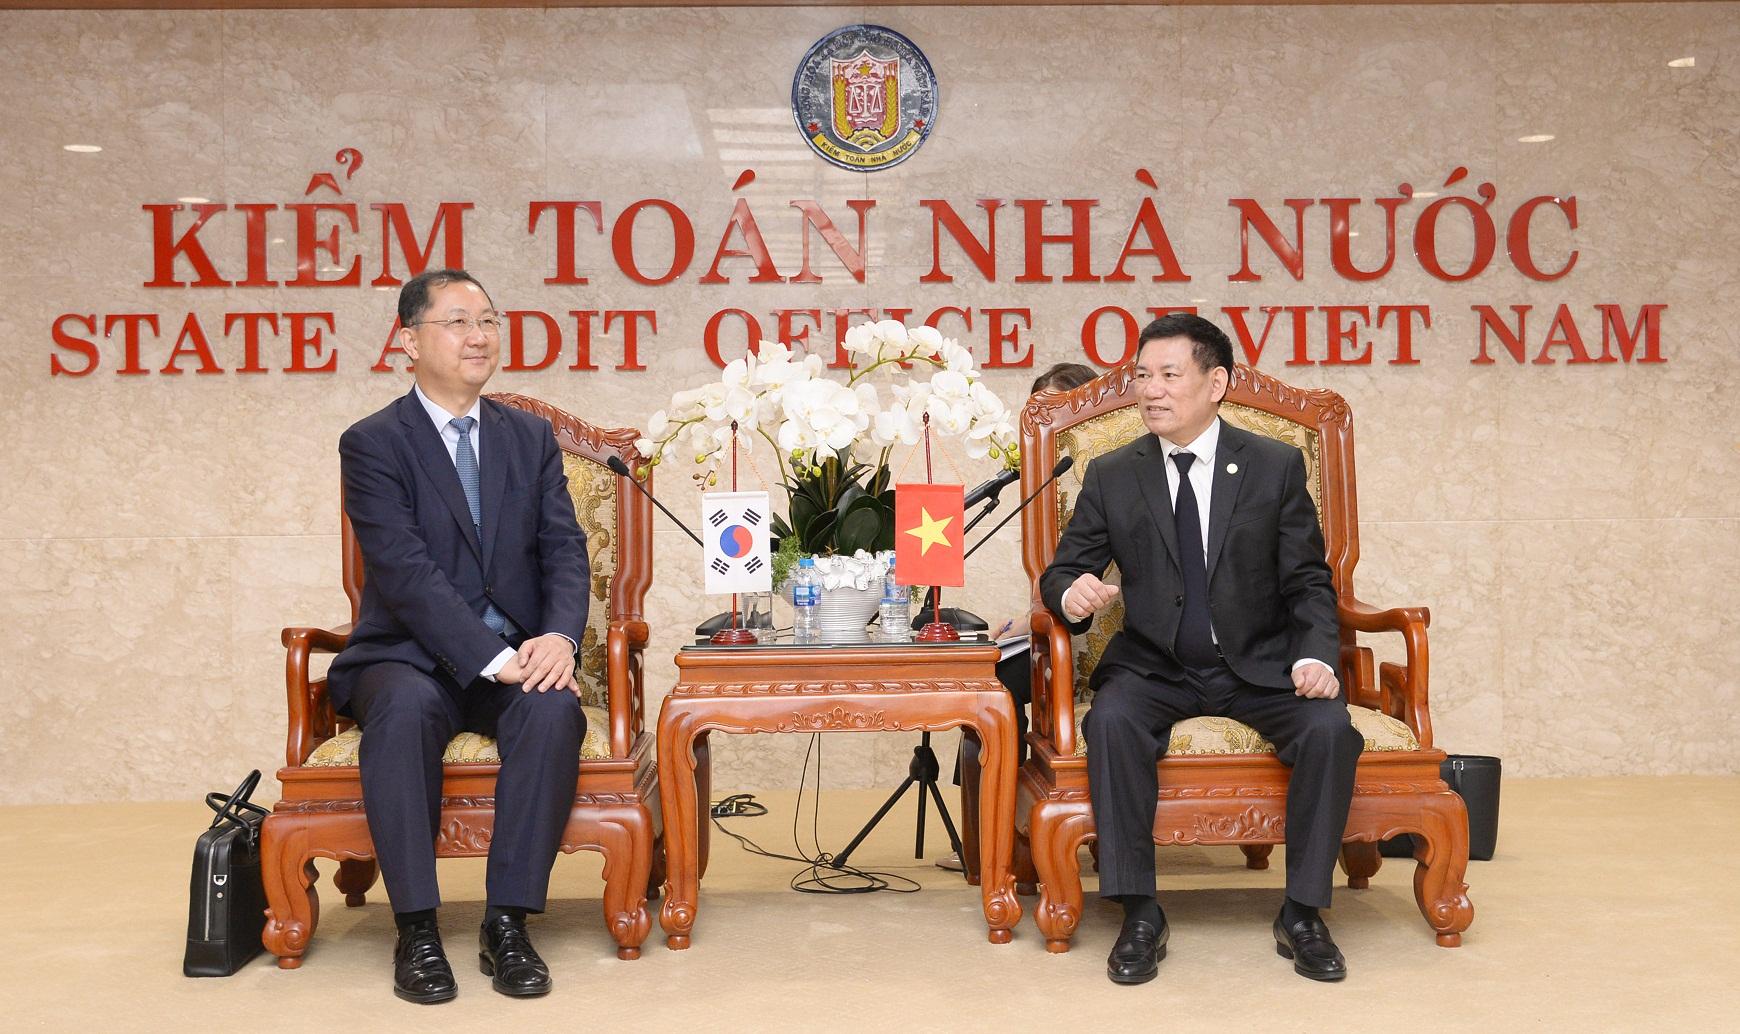 Hình ảnh chuyến thăm và làm việc của Đoàn công tác Ủy ban Kiểm toán và Thanh tra Hàn Quốc tại KTNN Việt Nam